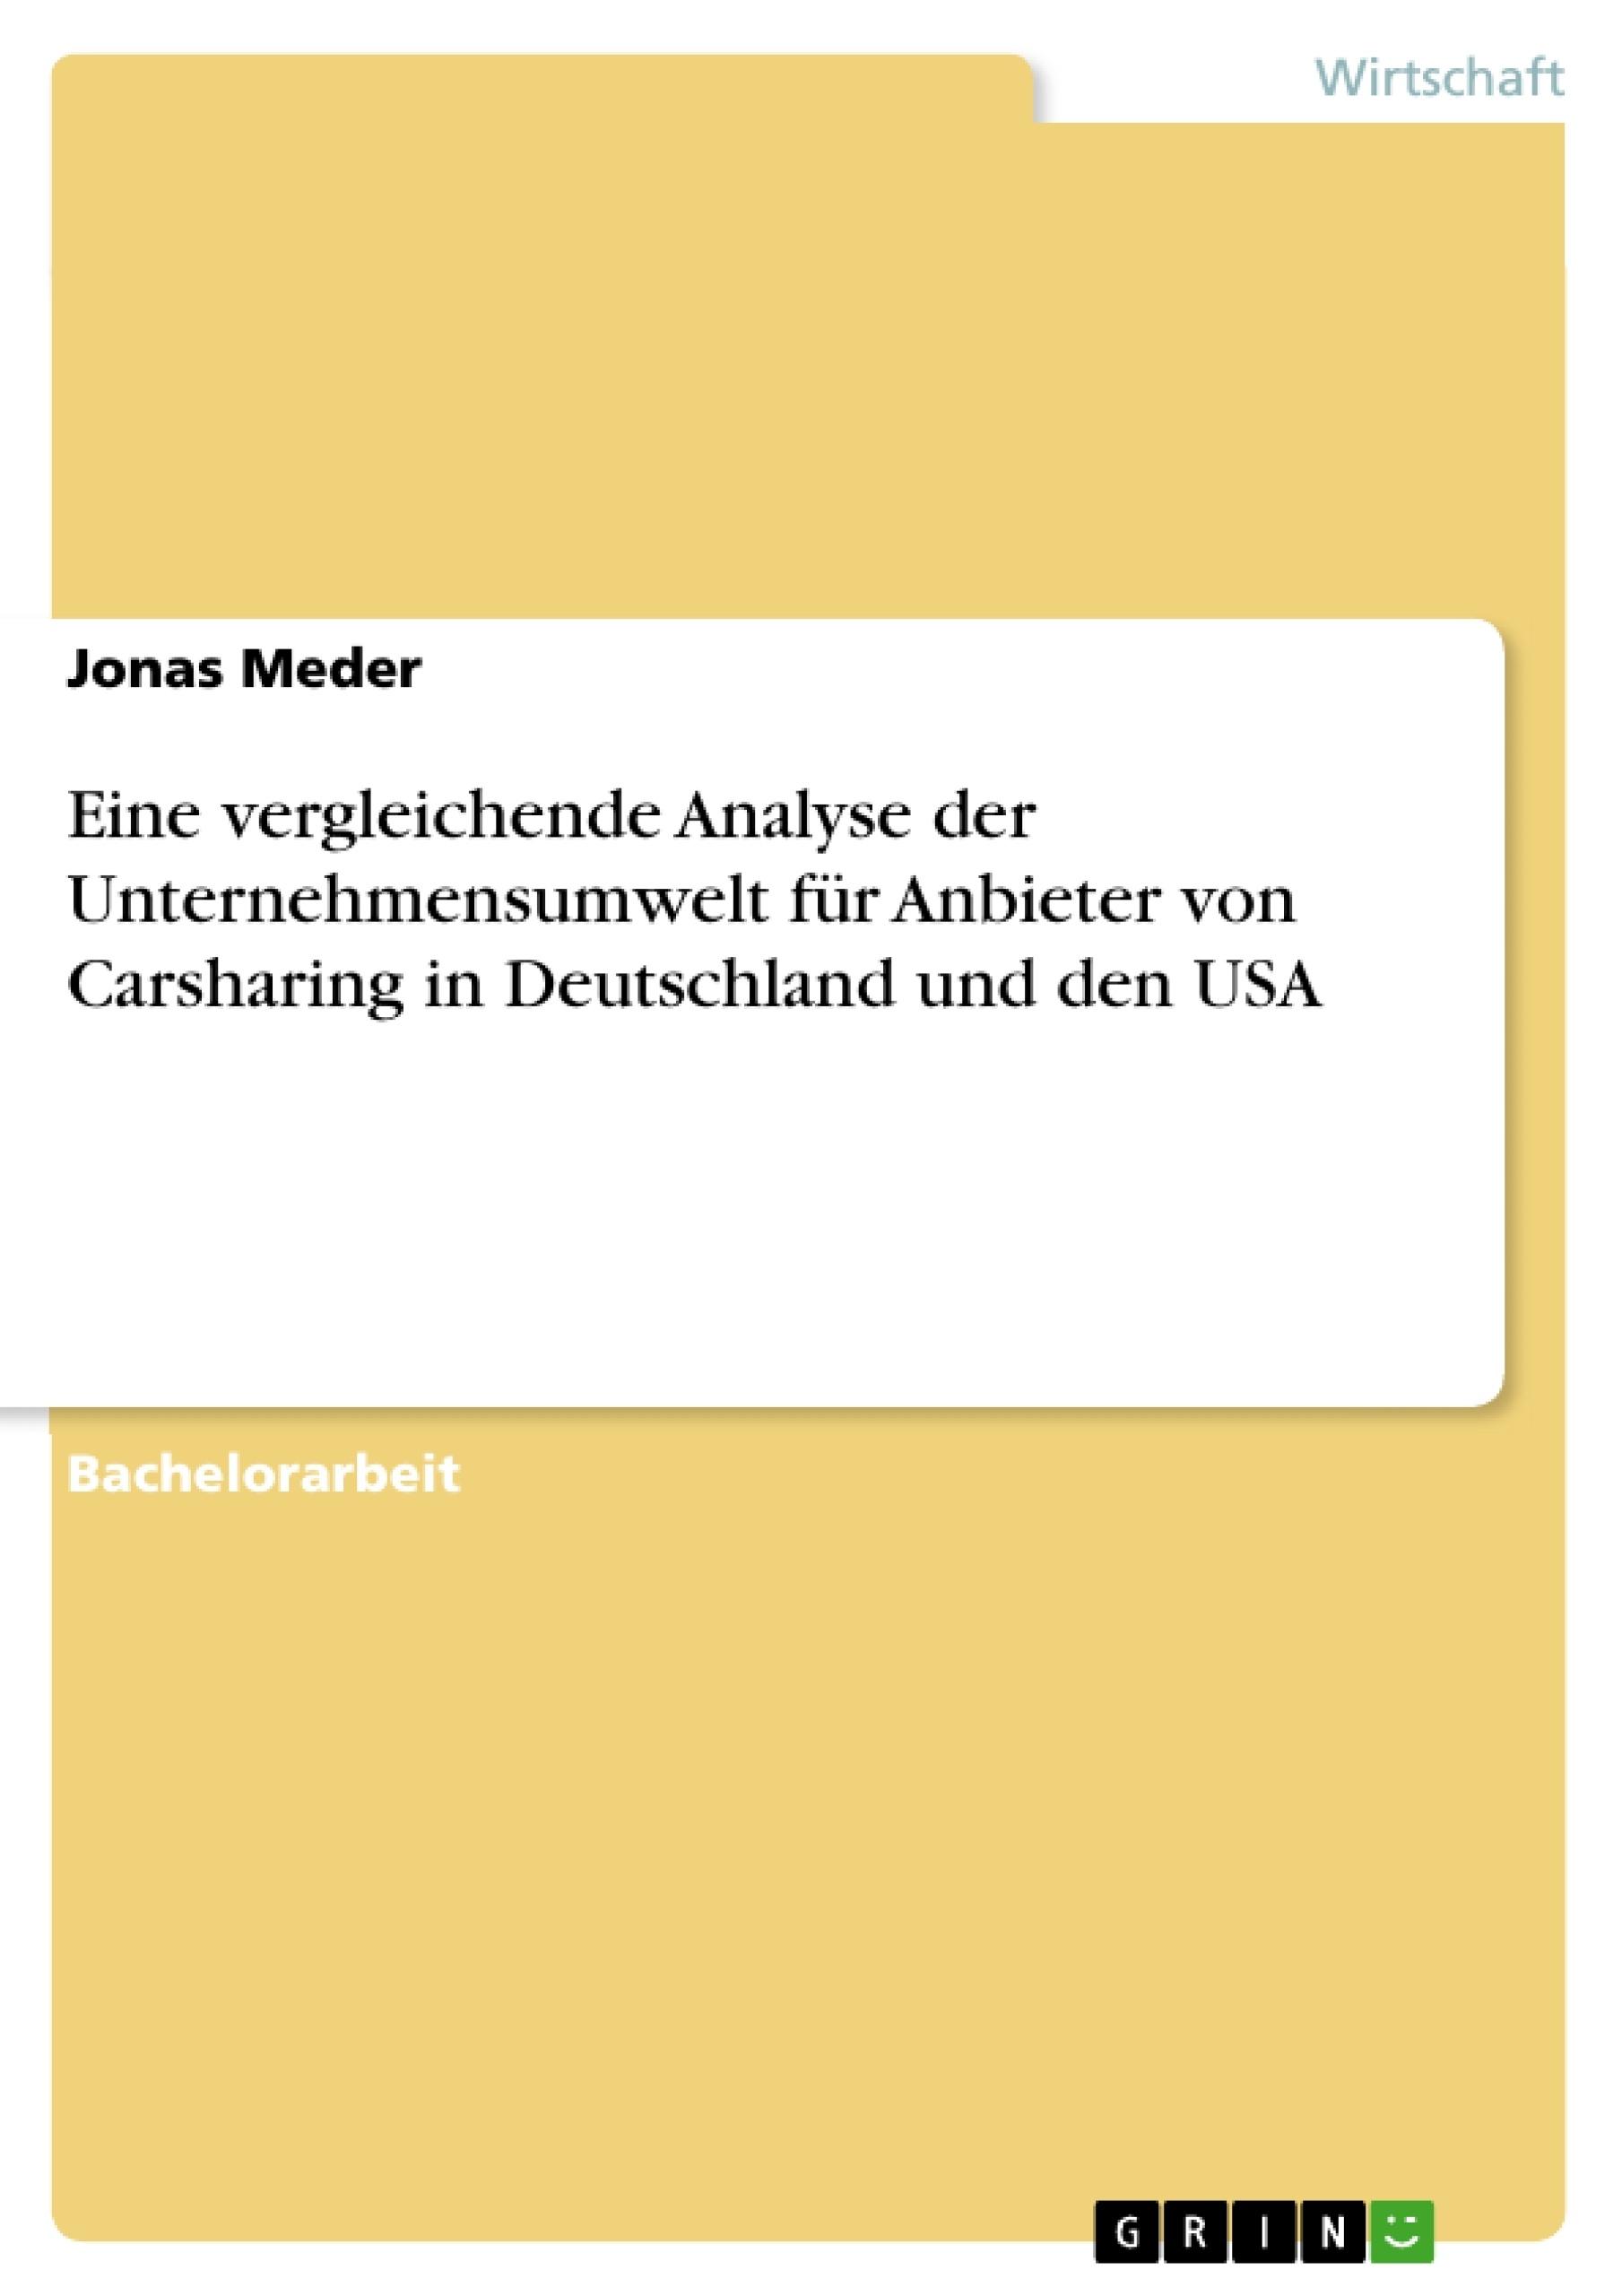 Titel: Eine vergleichende Analyse der Unternehmensumwelt für Anbieter von Carsharing in Deutschland und den USA